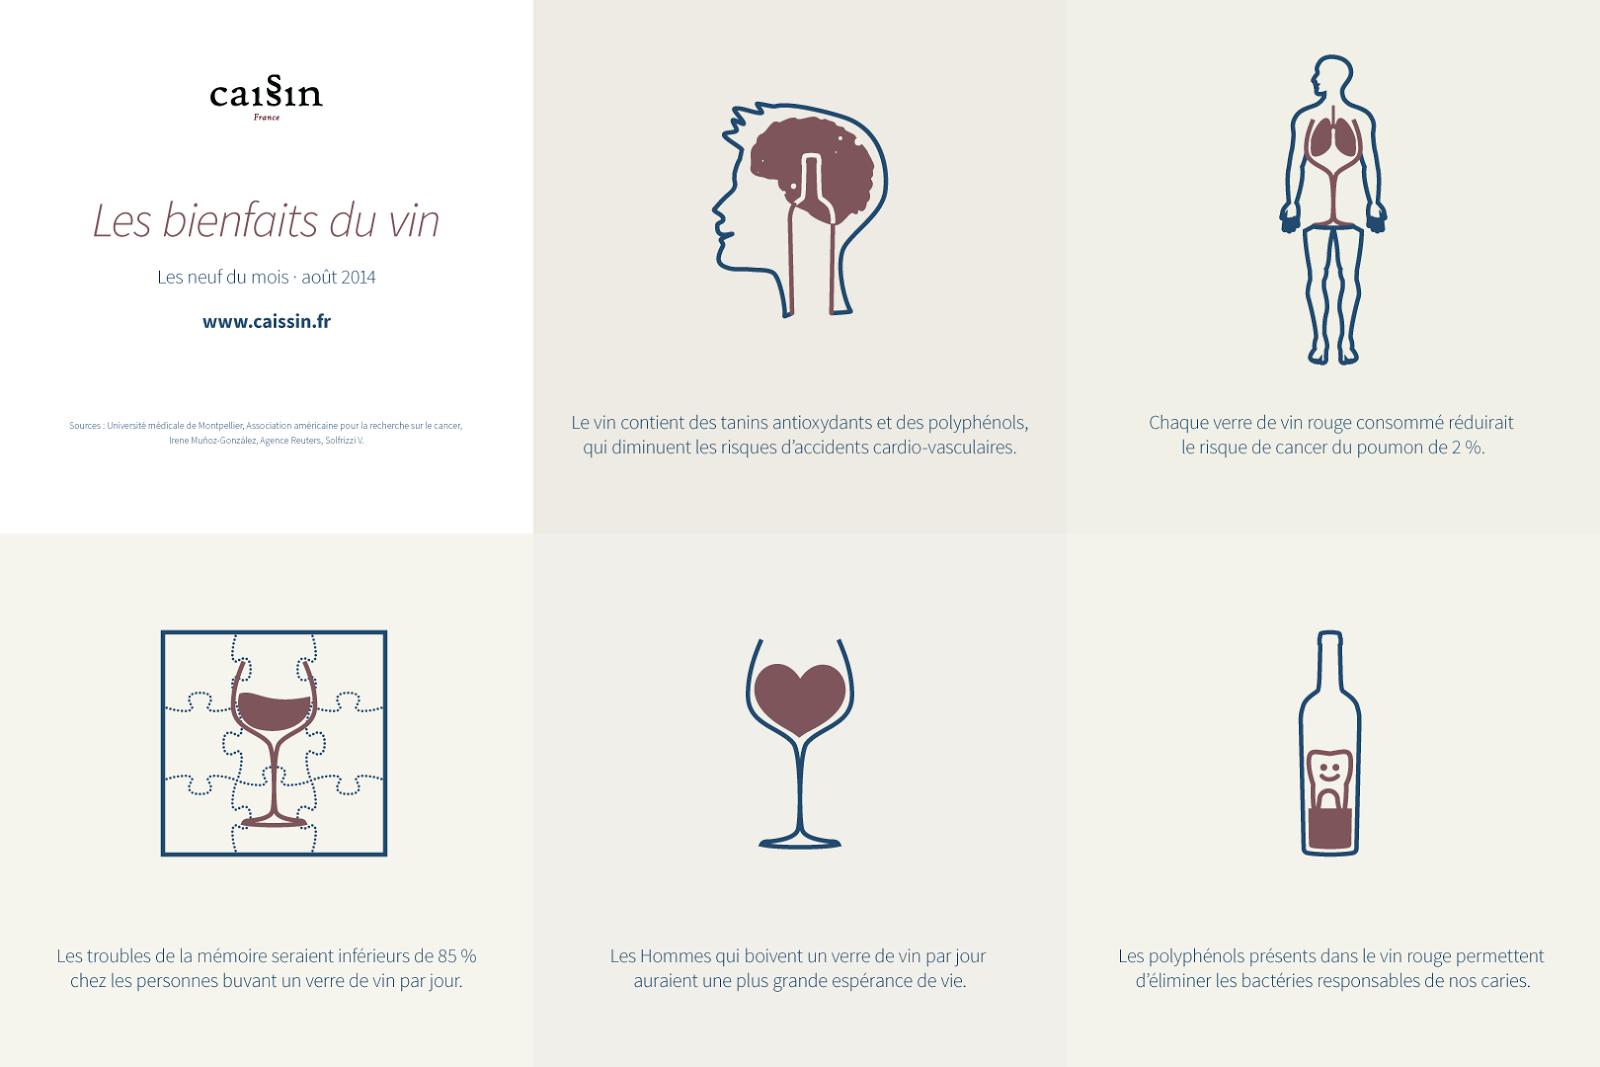 infographie Caissin : les bienfaits du vin